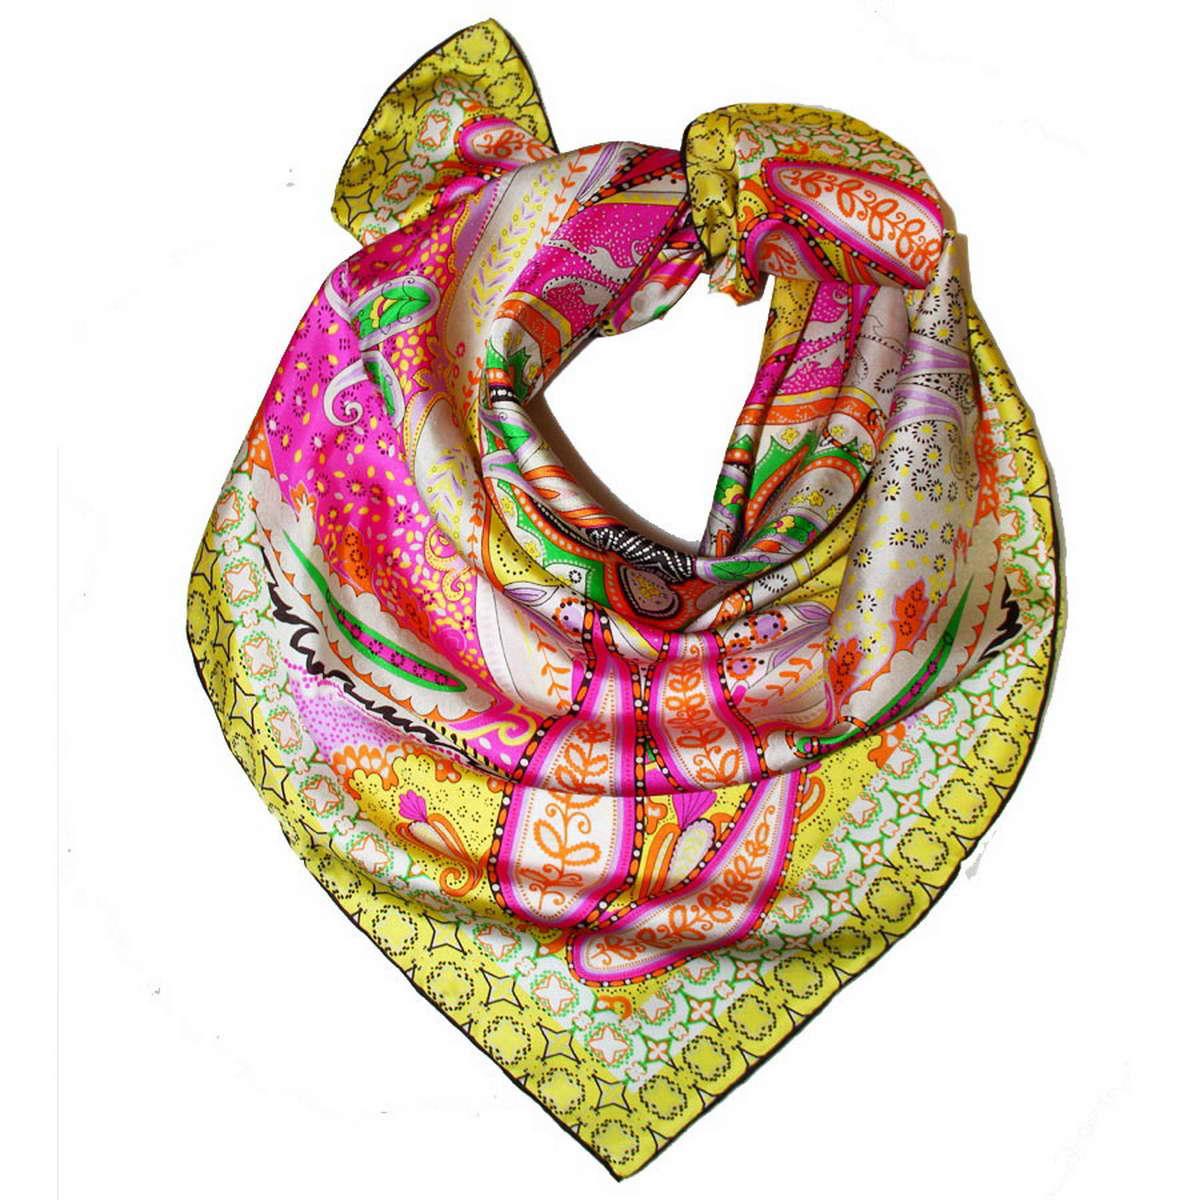 Платок женский Venera, цвет: серо-бежевый, мультиколор. 1801171-2. Размер 90 см х 90 см1801171-2Стильный женский платок Venera изготовлен из натурального шелка и оформлен оригинальным, ярким узором.Классическая квадратная форма позволяет носить платок на шее, украшать им прическу или декорировать сумочку.Такой платок превосходно дополнит любой наряд и подчеркнет ваш неповторимый вкус и элегантность.